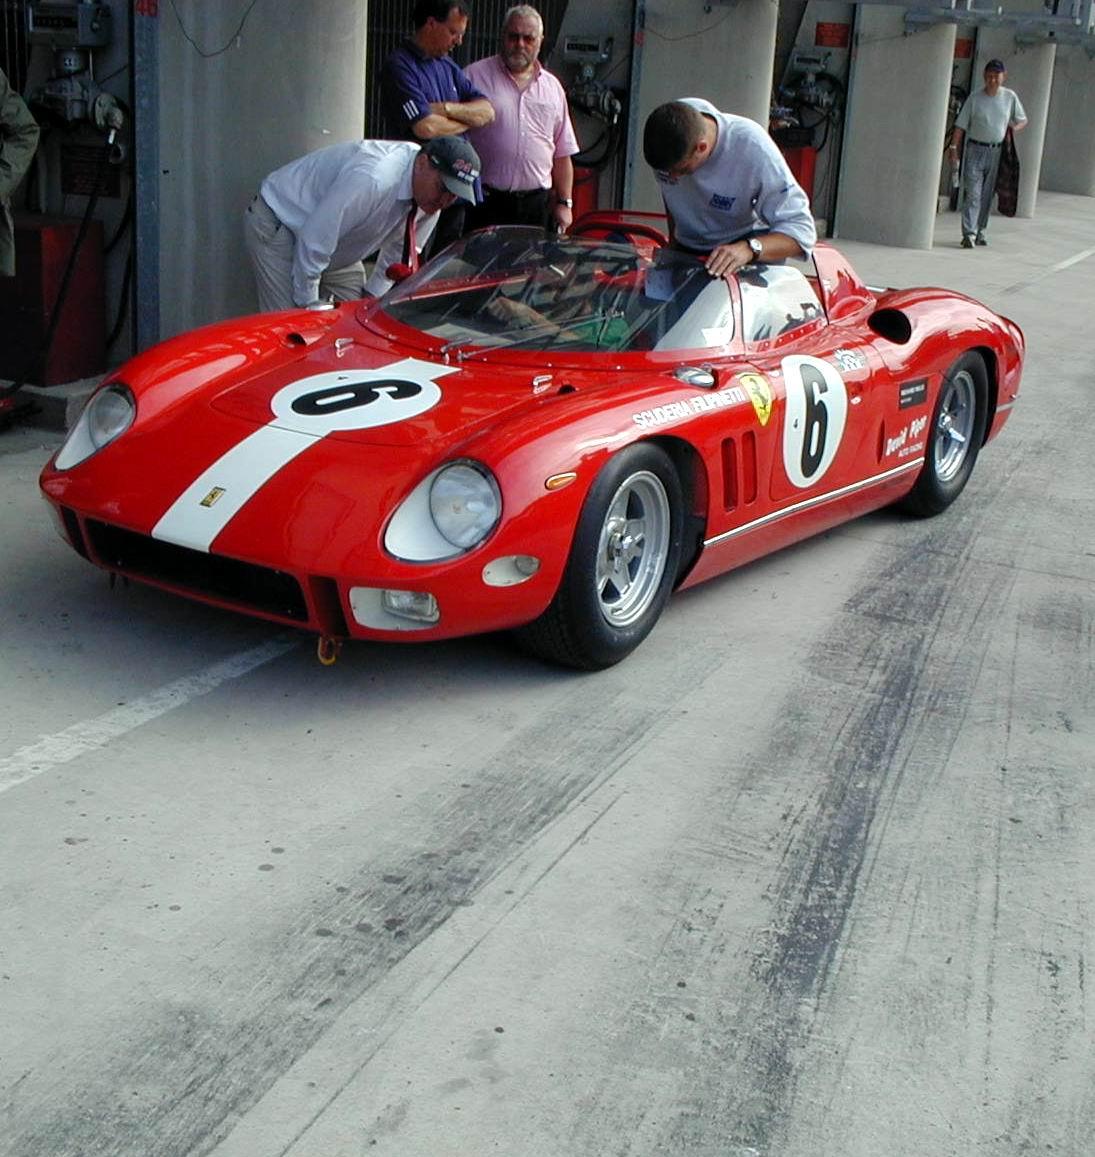 The 1965 Ferrari 330 P2